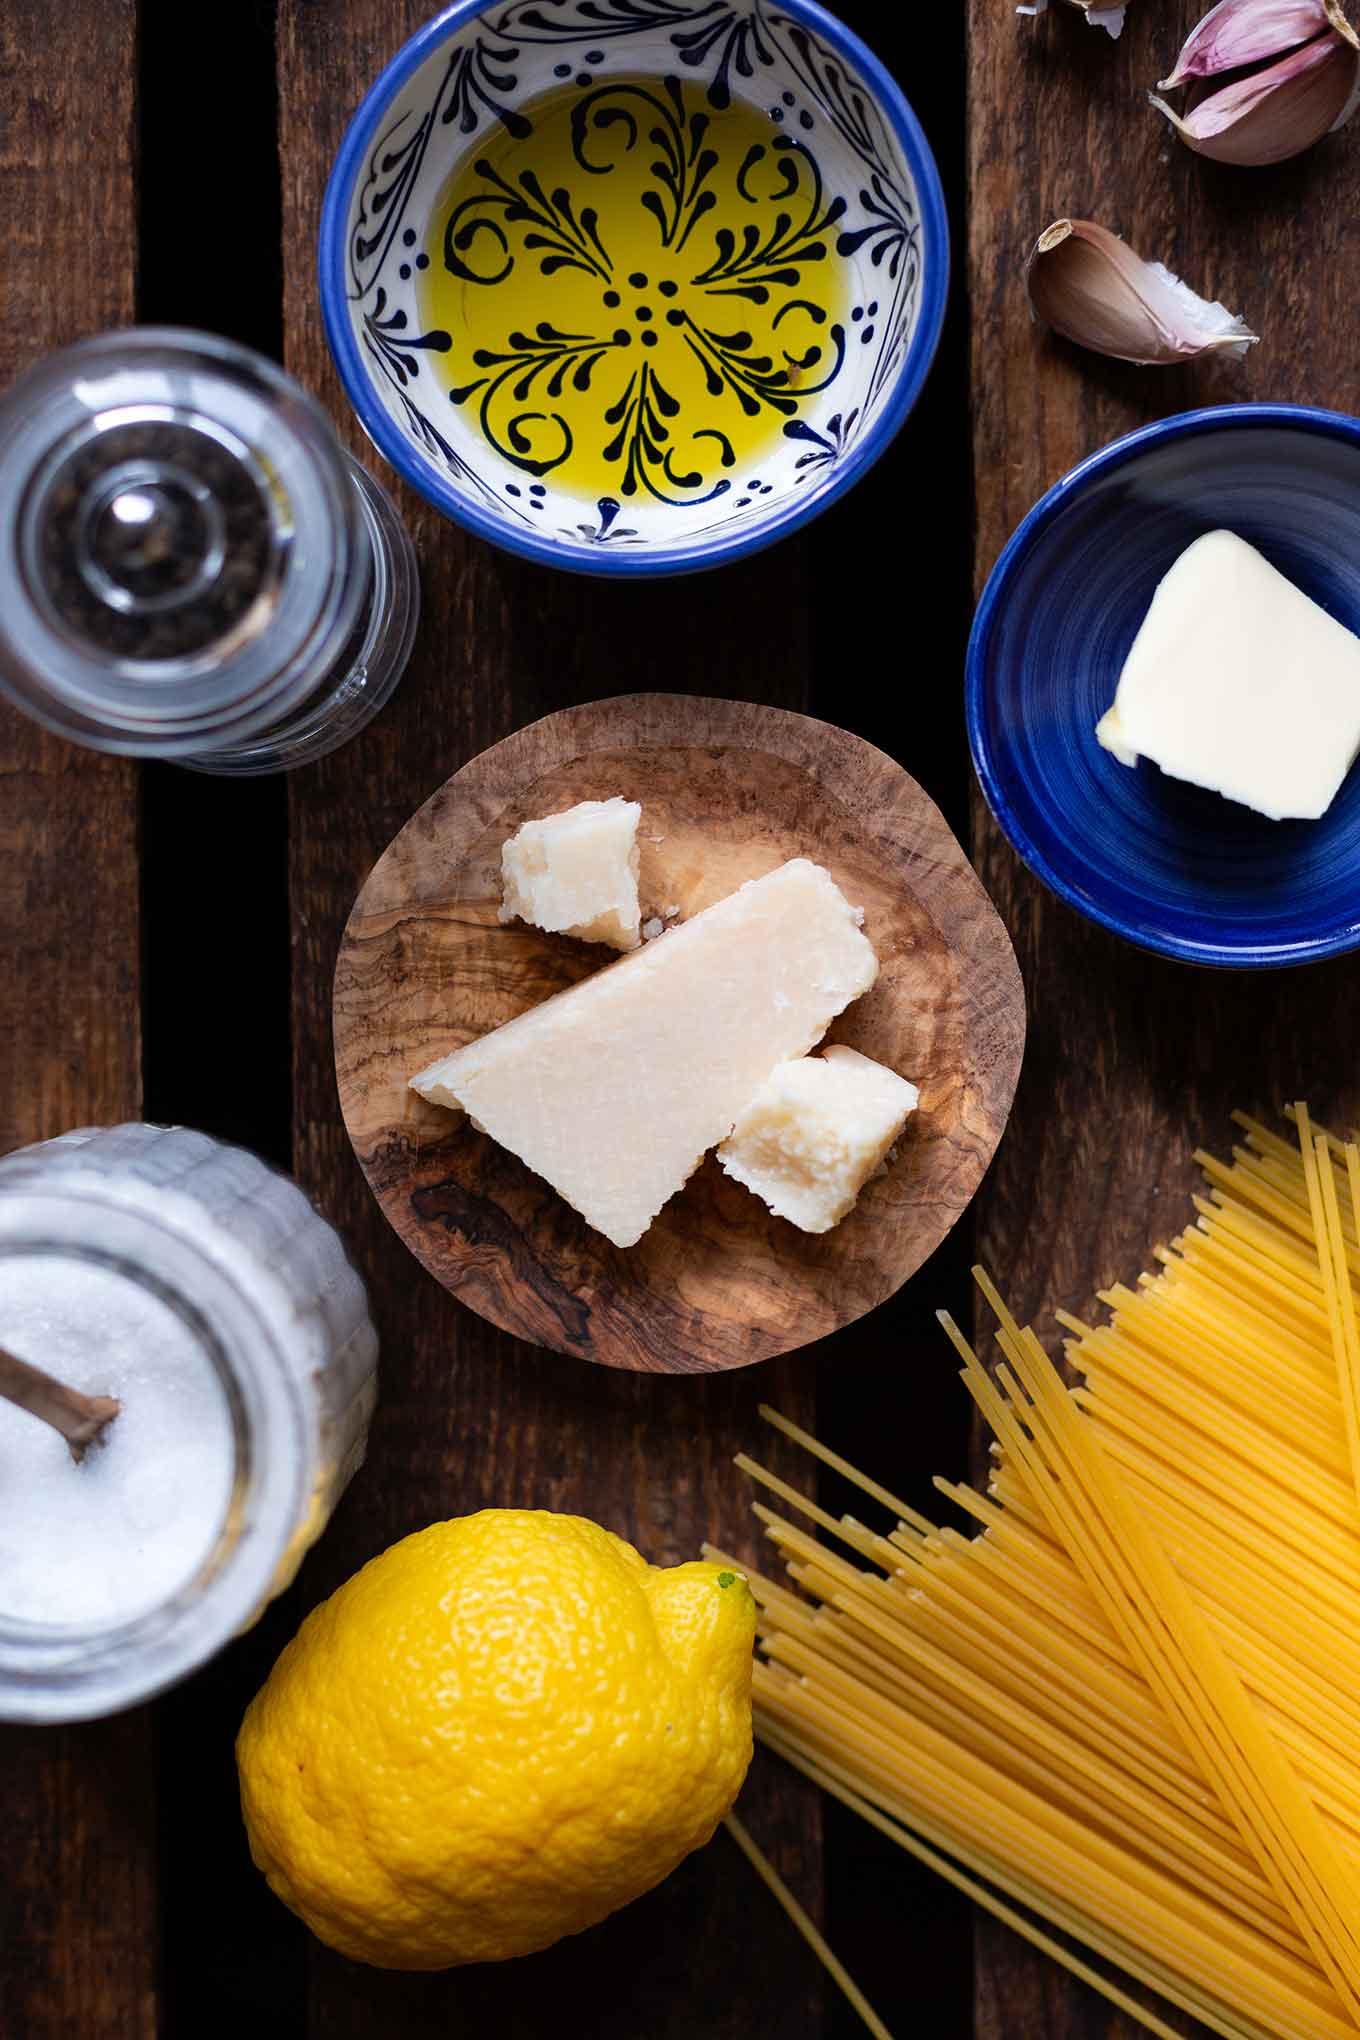 Frisch, köstlich und in 15 Minuten auf dem Tisch: Die Pasta mit Knoblauch, Zitrone und Parmesan ist perfekt als schnelles Abendessen unter der Woche! - Kochkarussell Foodblog #pasta #spaghetti #knoblauch